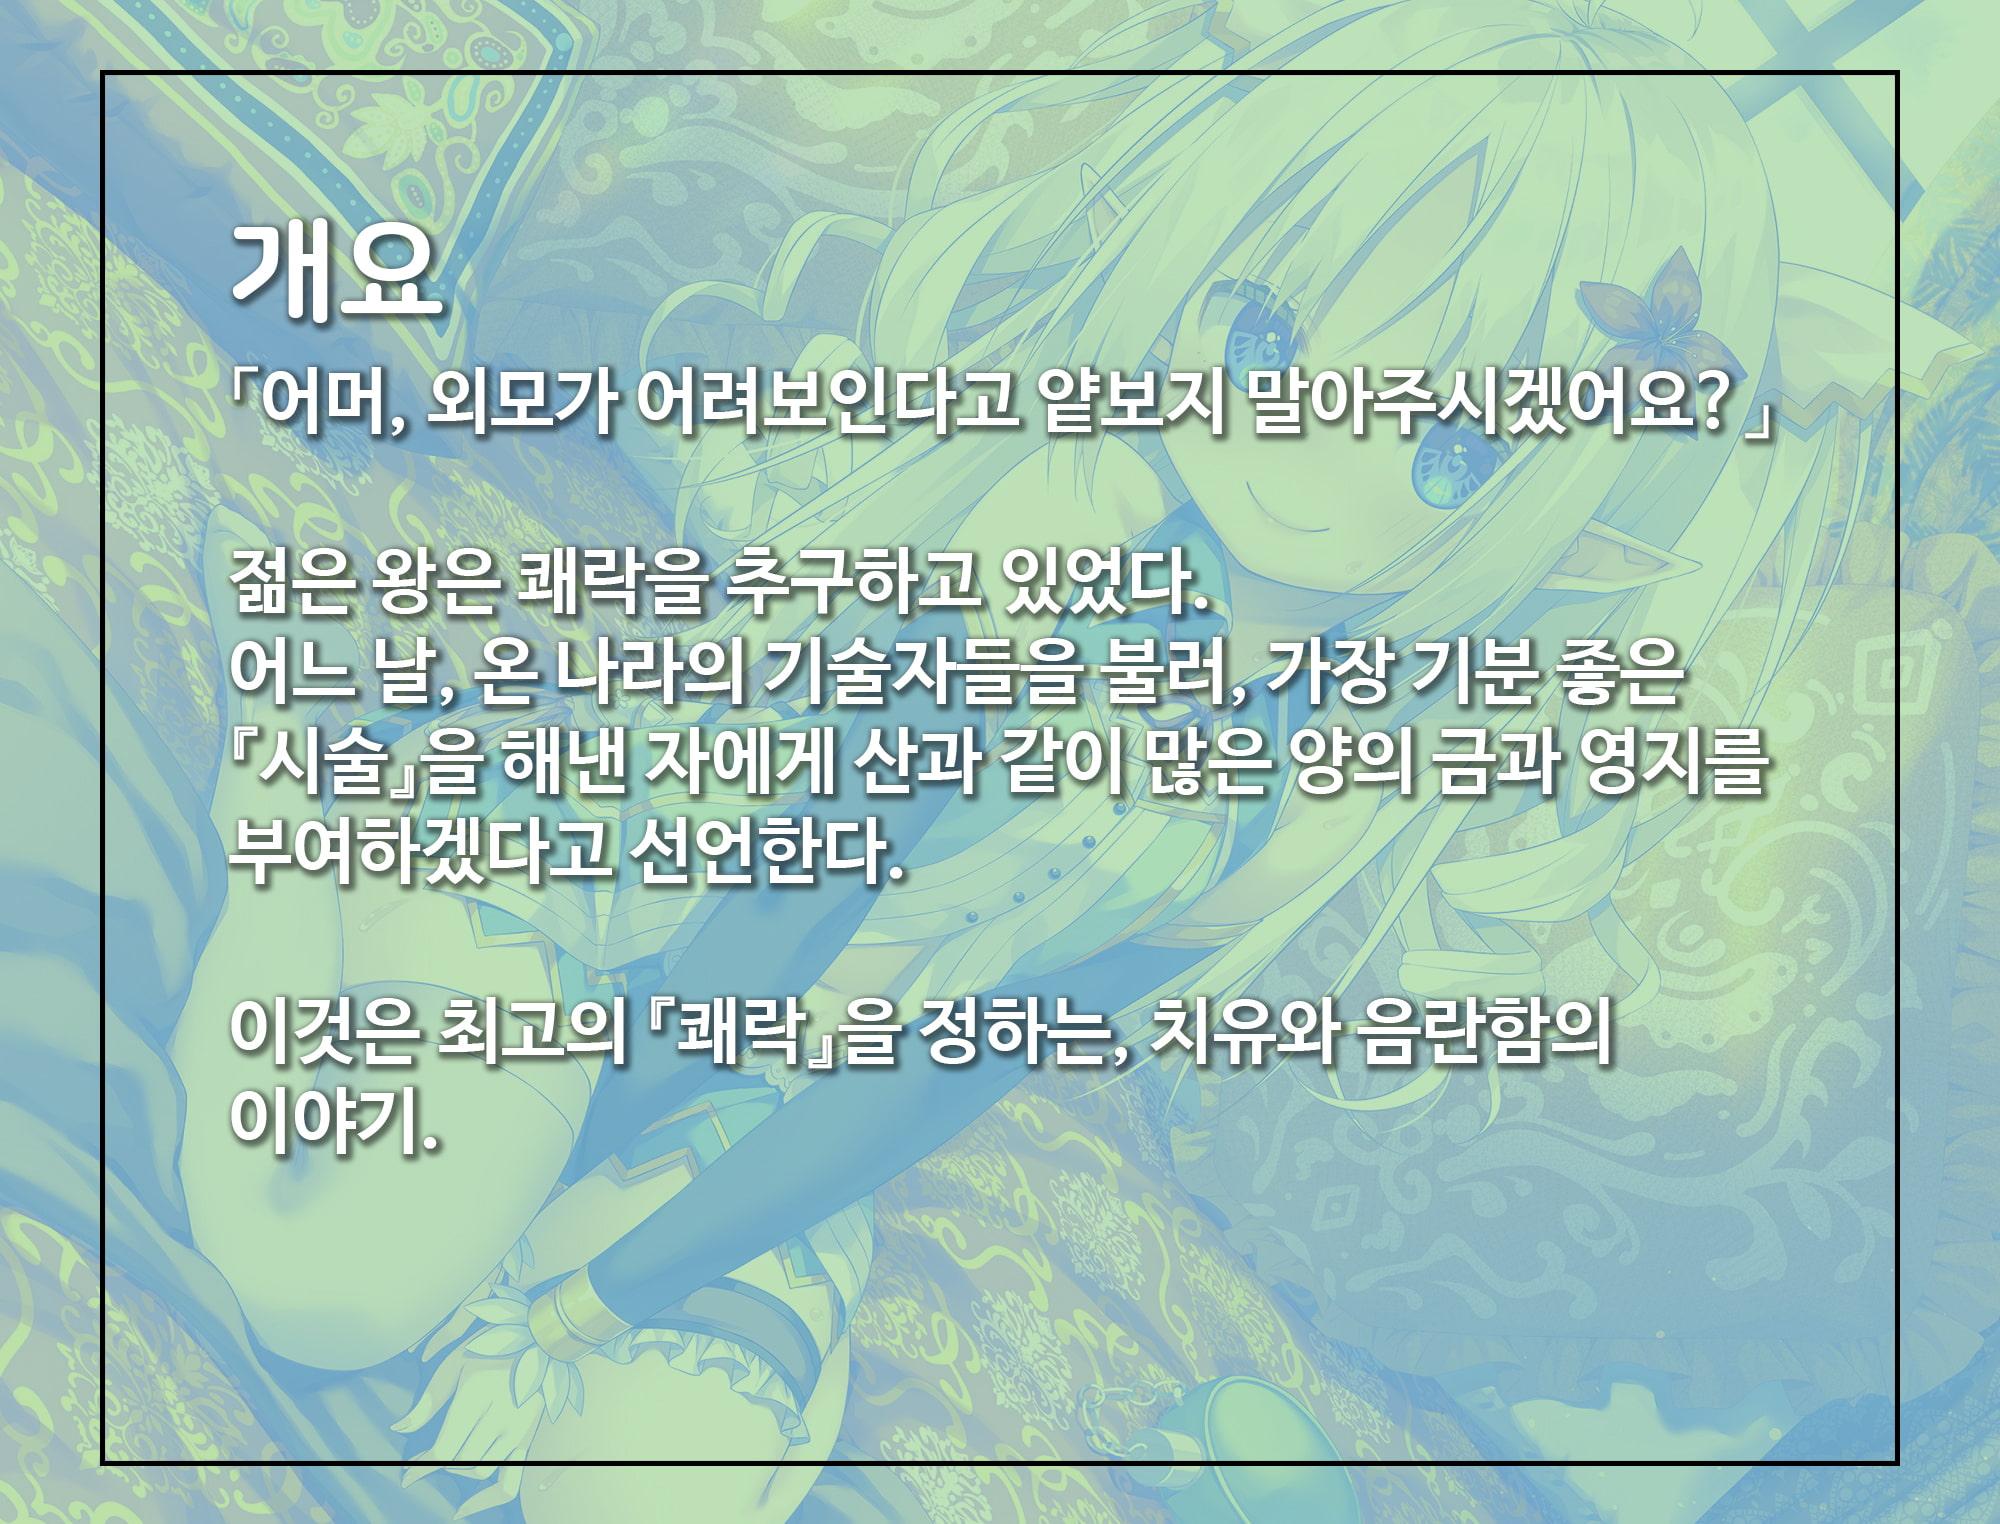 【한글 자막판】【탄산 힐링, 귀햝기, 신음 엣찌】 Healing of King ~로리(?) 엘프의 탄산 사정~